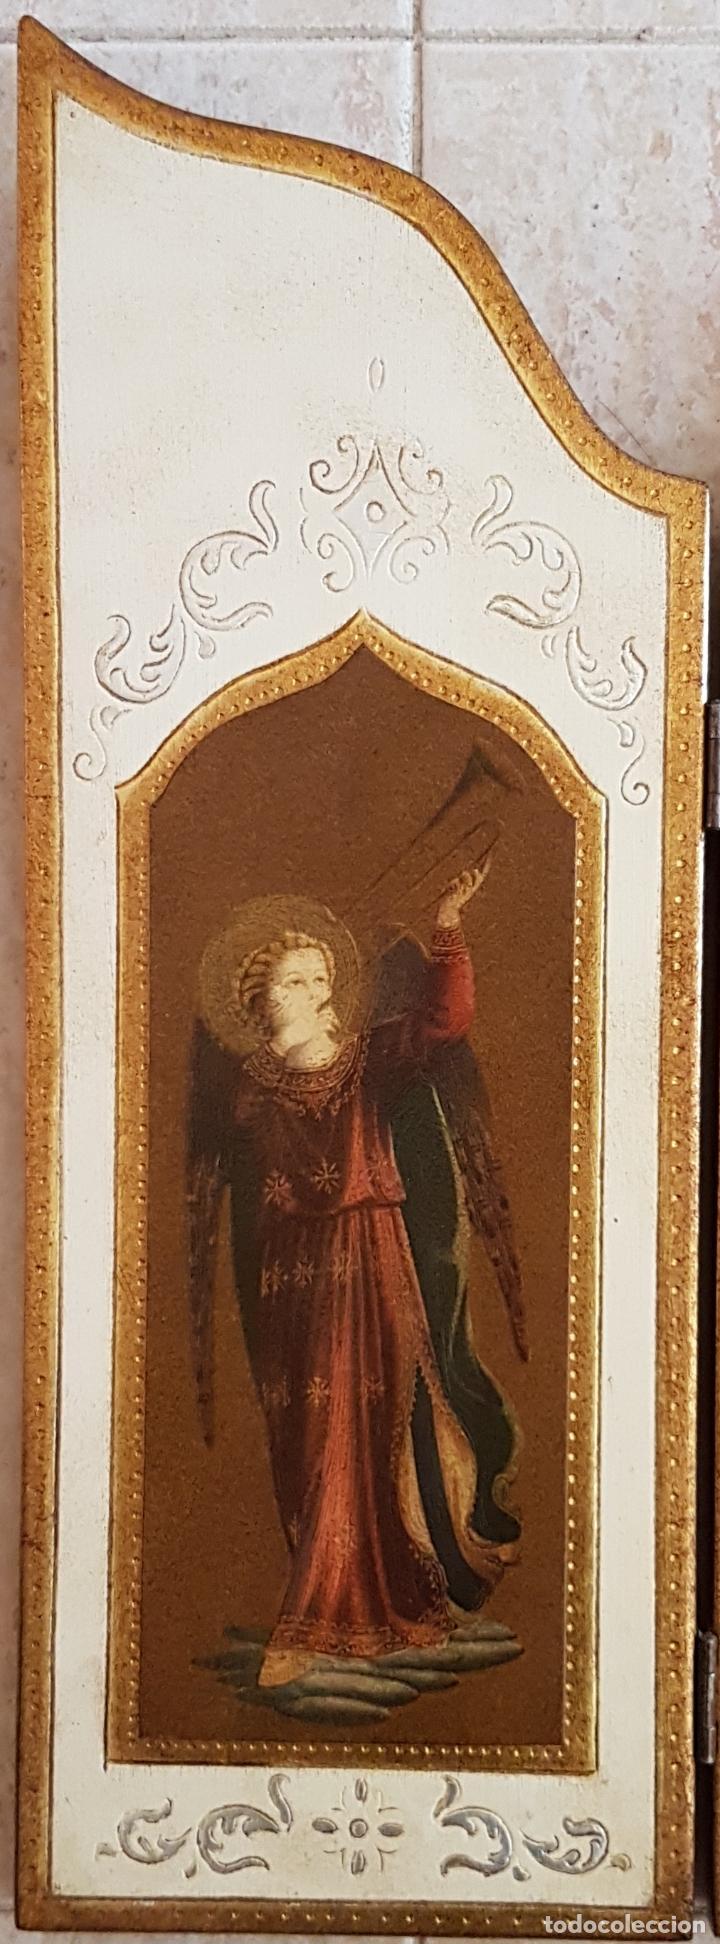 Arte: Bello tríptico antiguo con litigrafías religiosas en madera con acabados en estuco y oro . - Foto 2 - 132801302